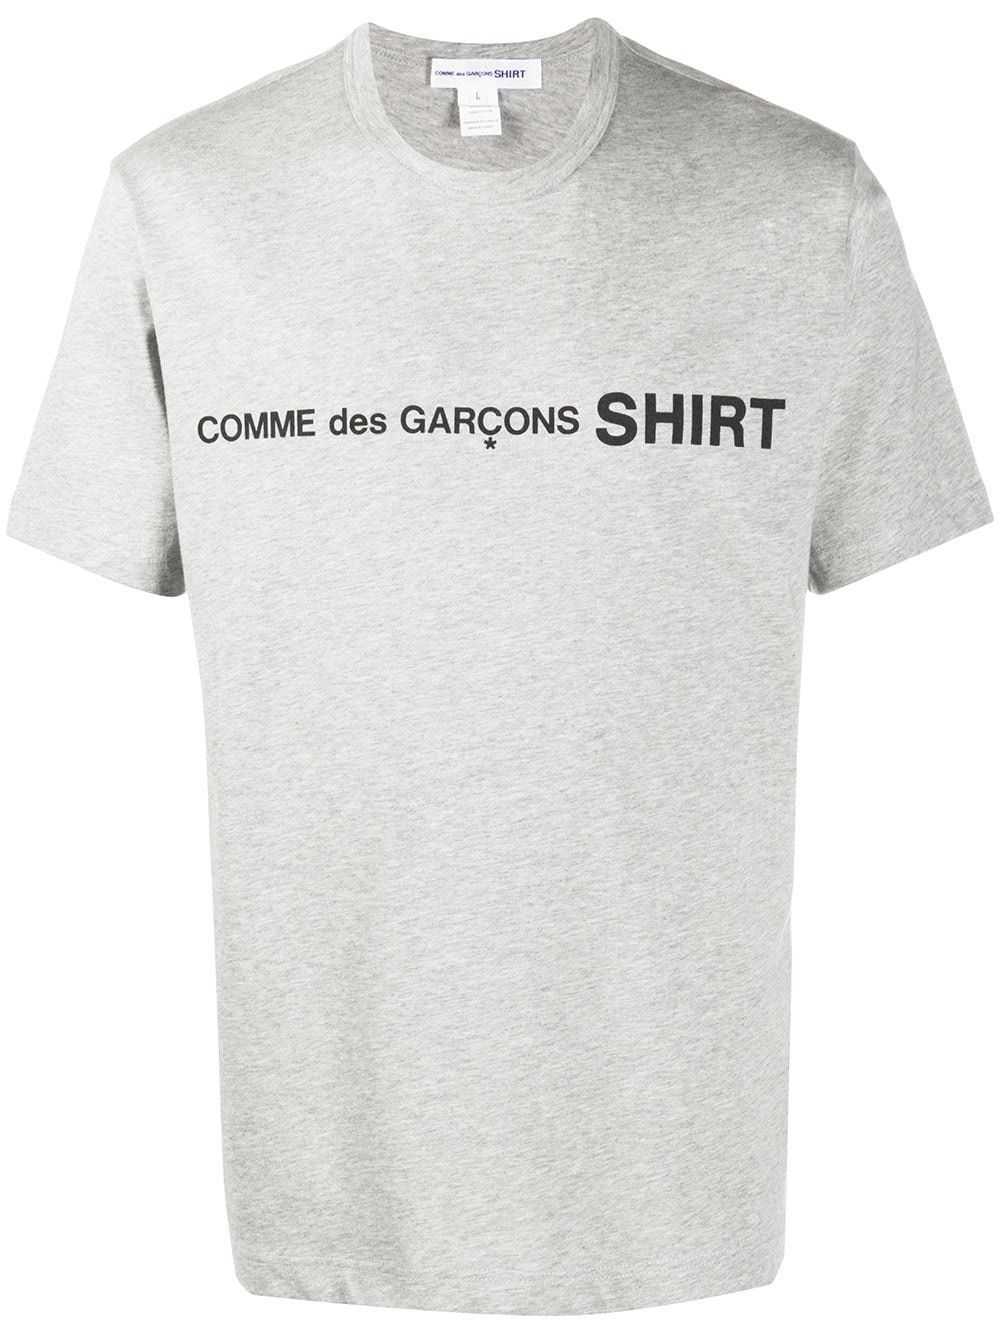 Comme Des Garçons Shirt COMME DES GARÇONS SHIRT MEN'S GREY COTTON T-SHIRT